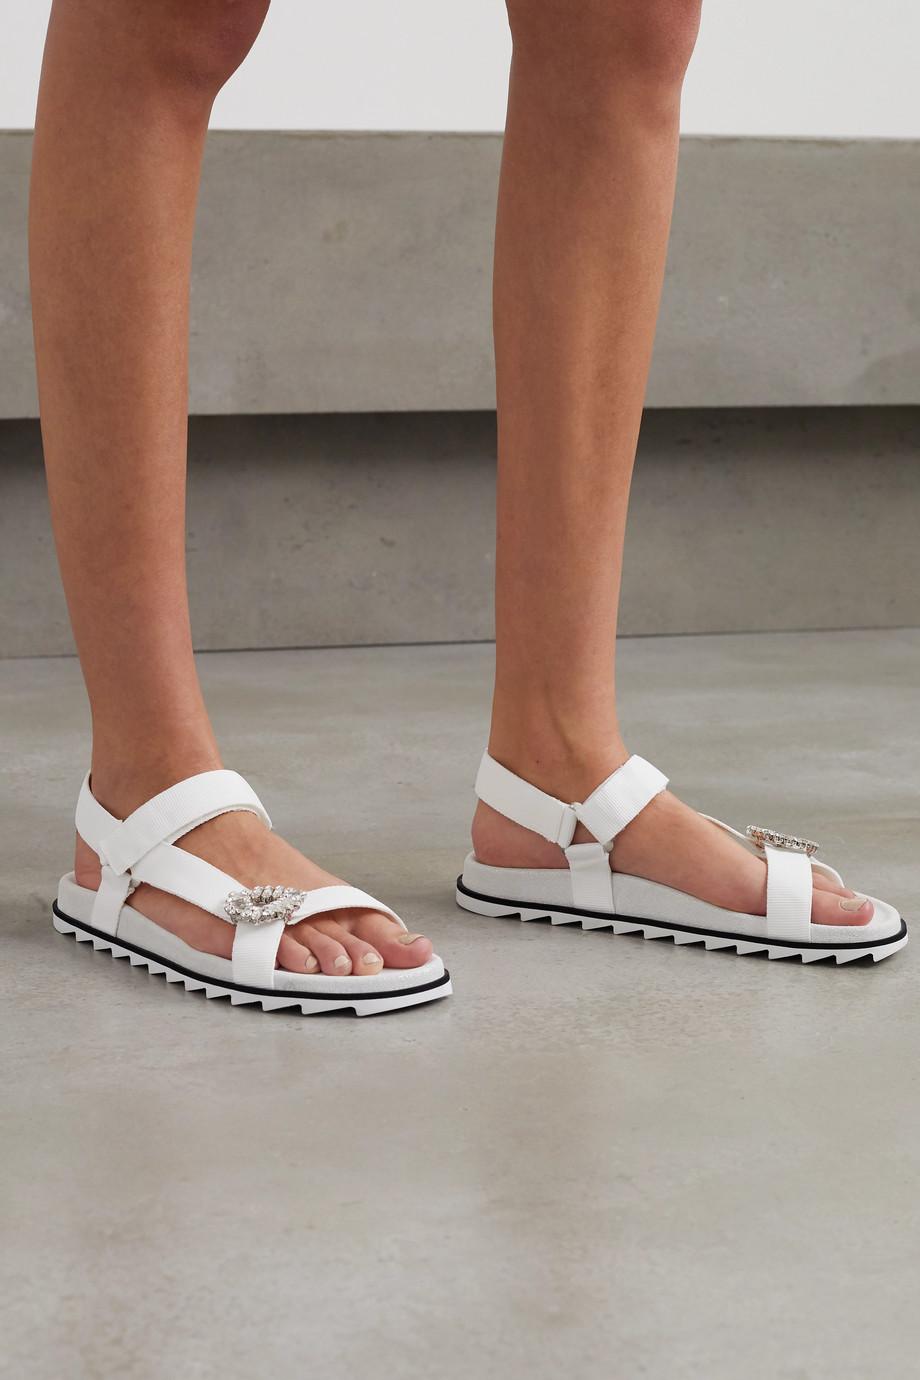 Roger Vivier Trekky Viv crystal-embellished grosgrain and suede sandals